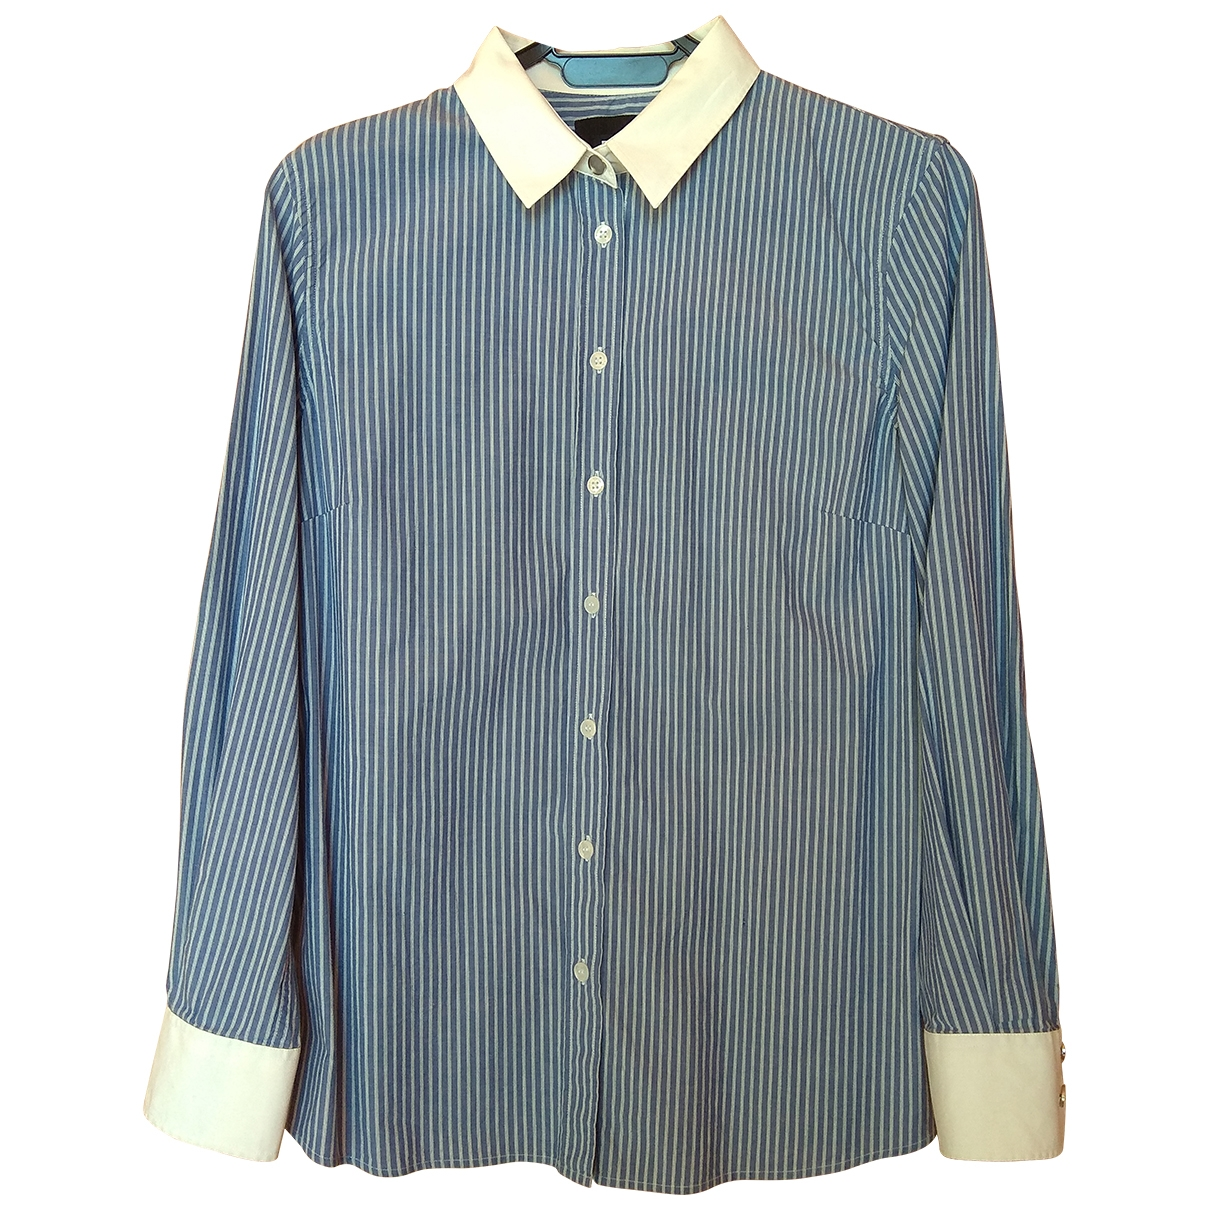 D&g \N Blue Cotton  top for Women 48 IT